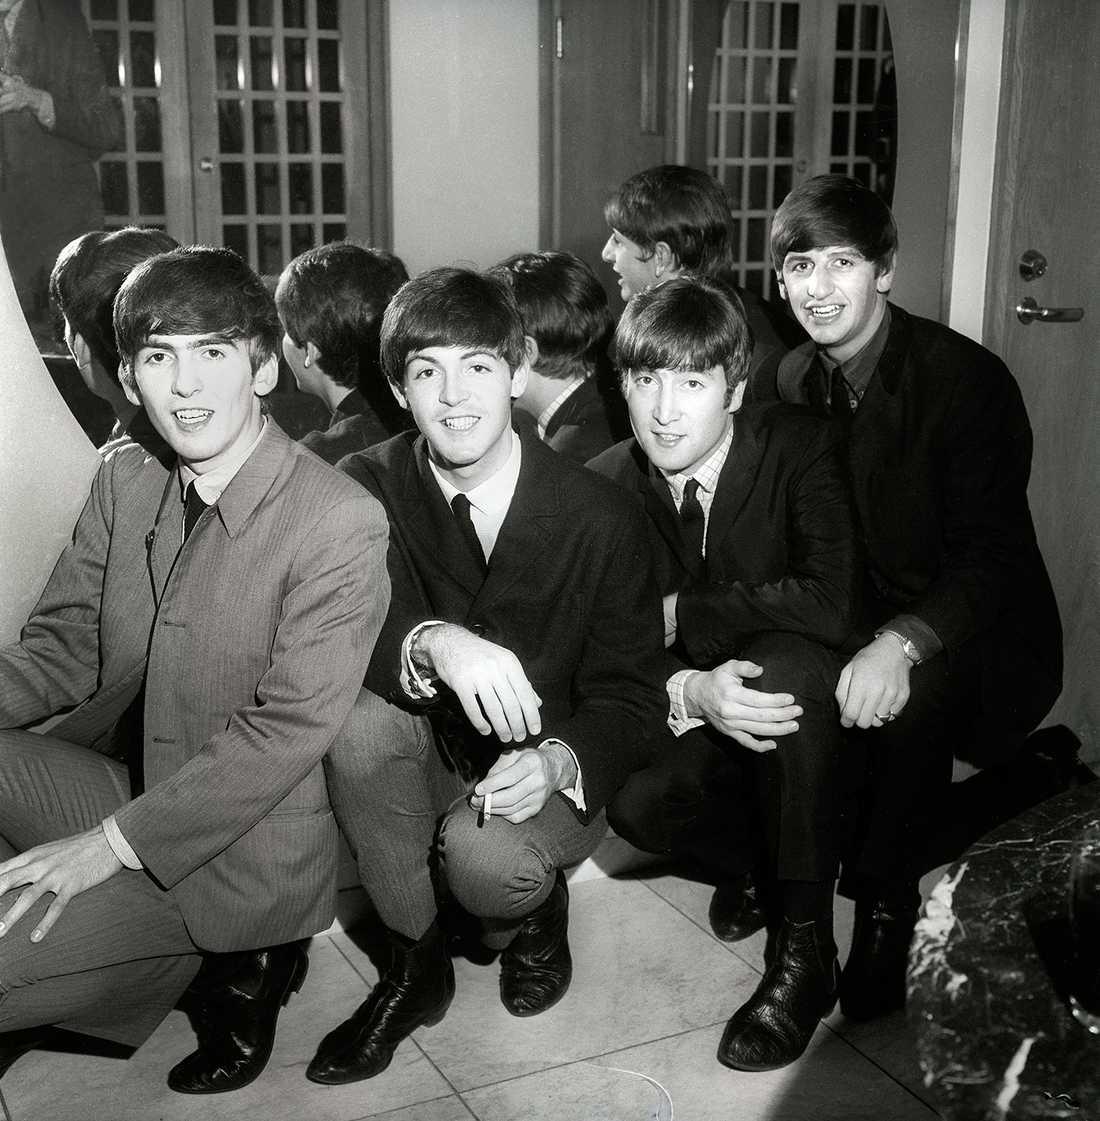 FÖRSTA SVERIGEBESÖKET I oktober 1963 gjorde The Beatles en legendarisk radioinspelning på Karlaplansstudion inför en publik på 250 personer. Rättigheterna köptes senare av Apple Records, Beatles eget bolag.